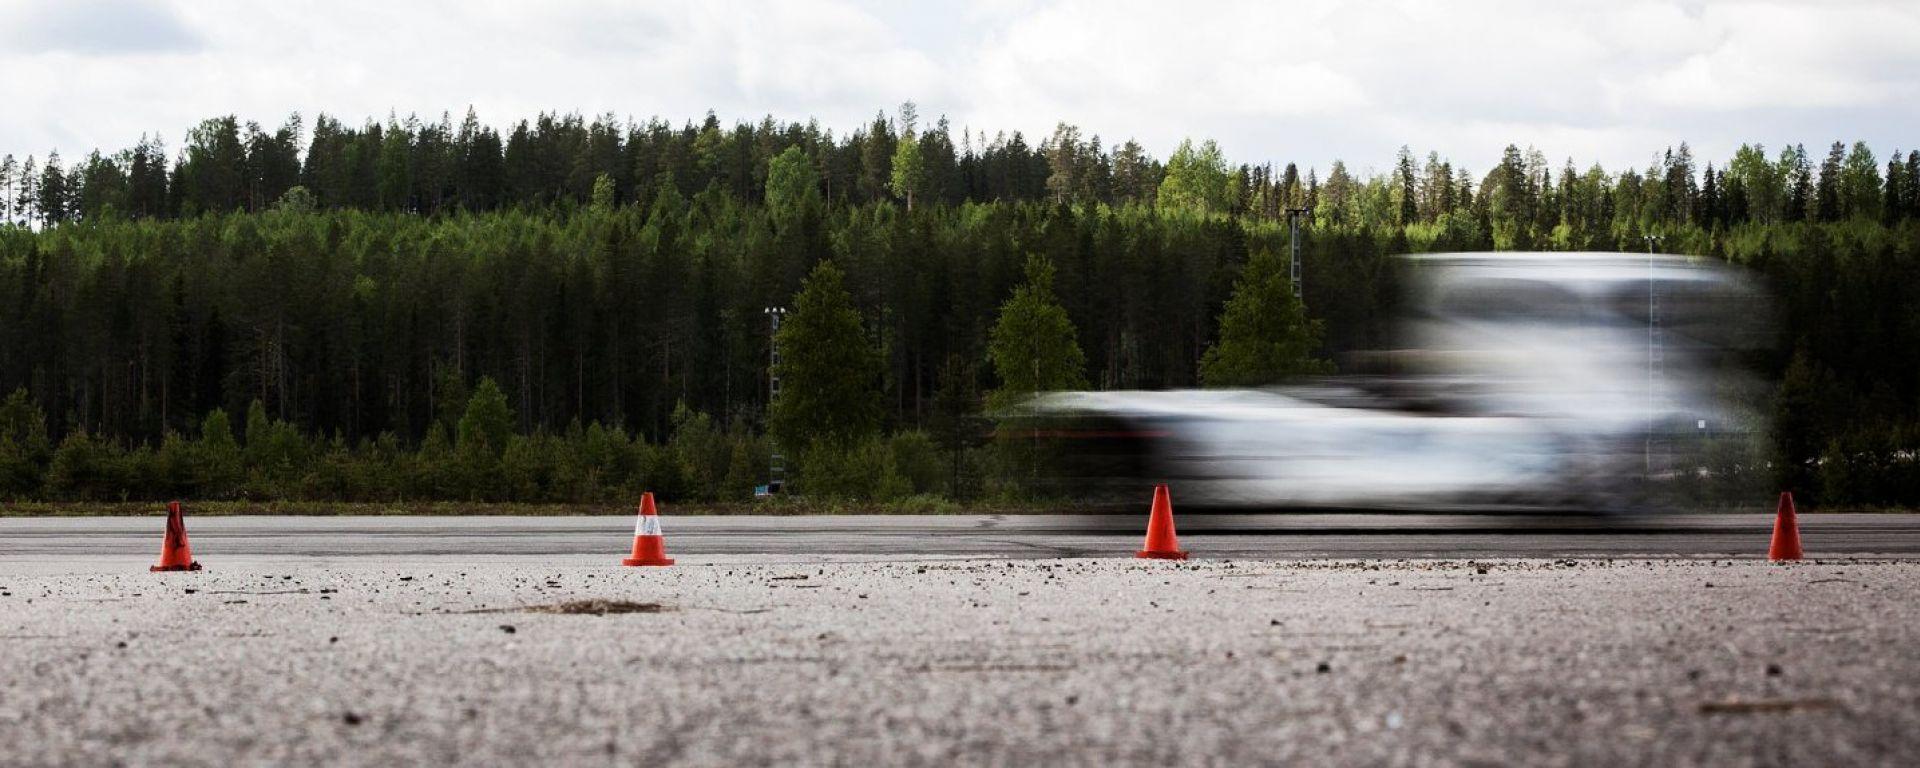 Volvo Iron Knight ha stabilito due record in un colpo solo, sul chilometro e mezzo chilometro lanciato